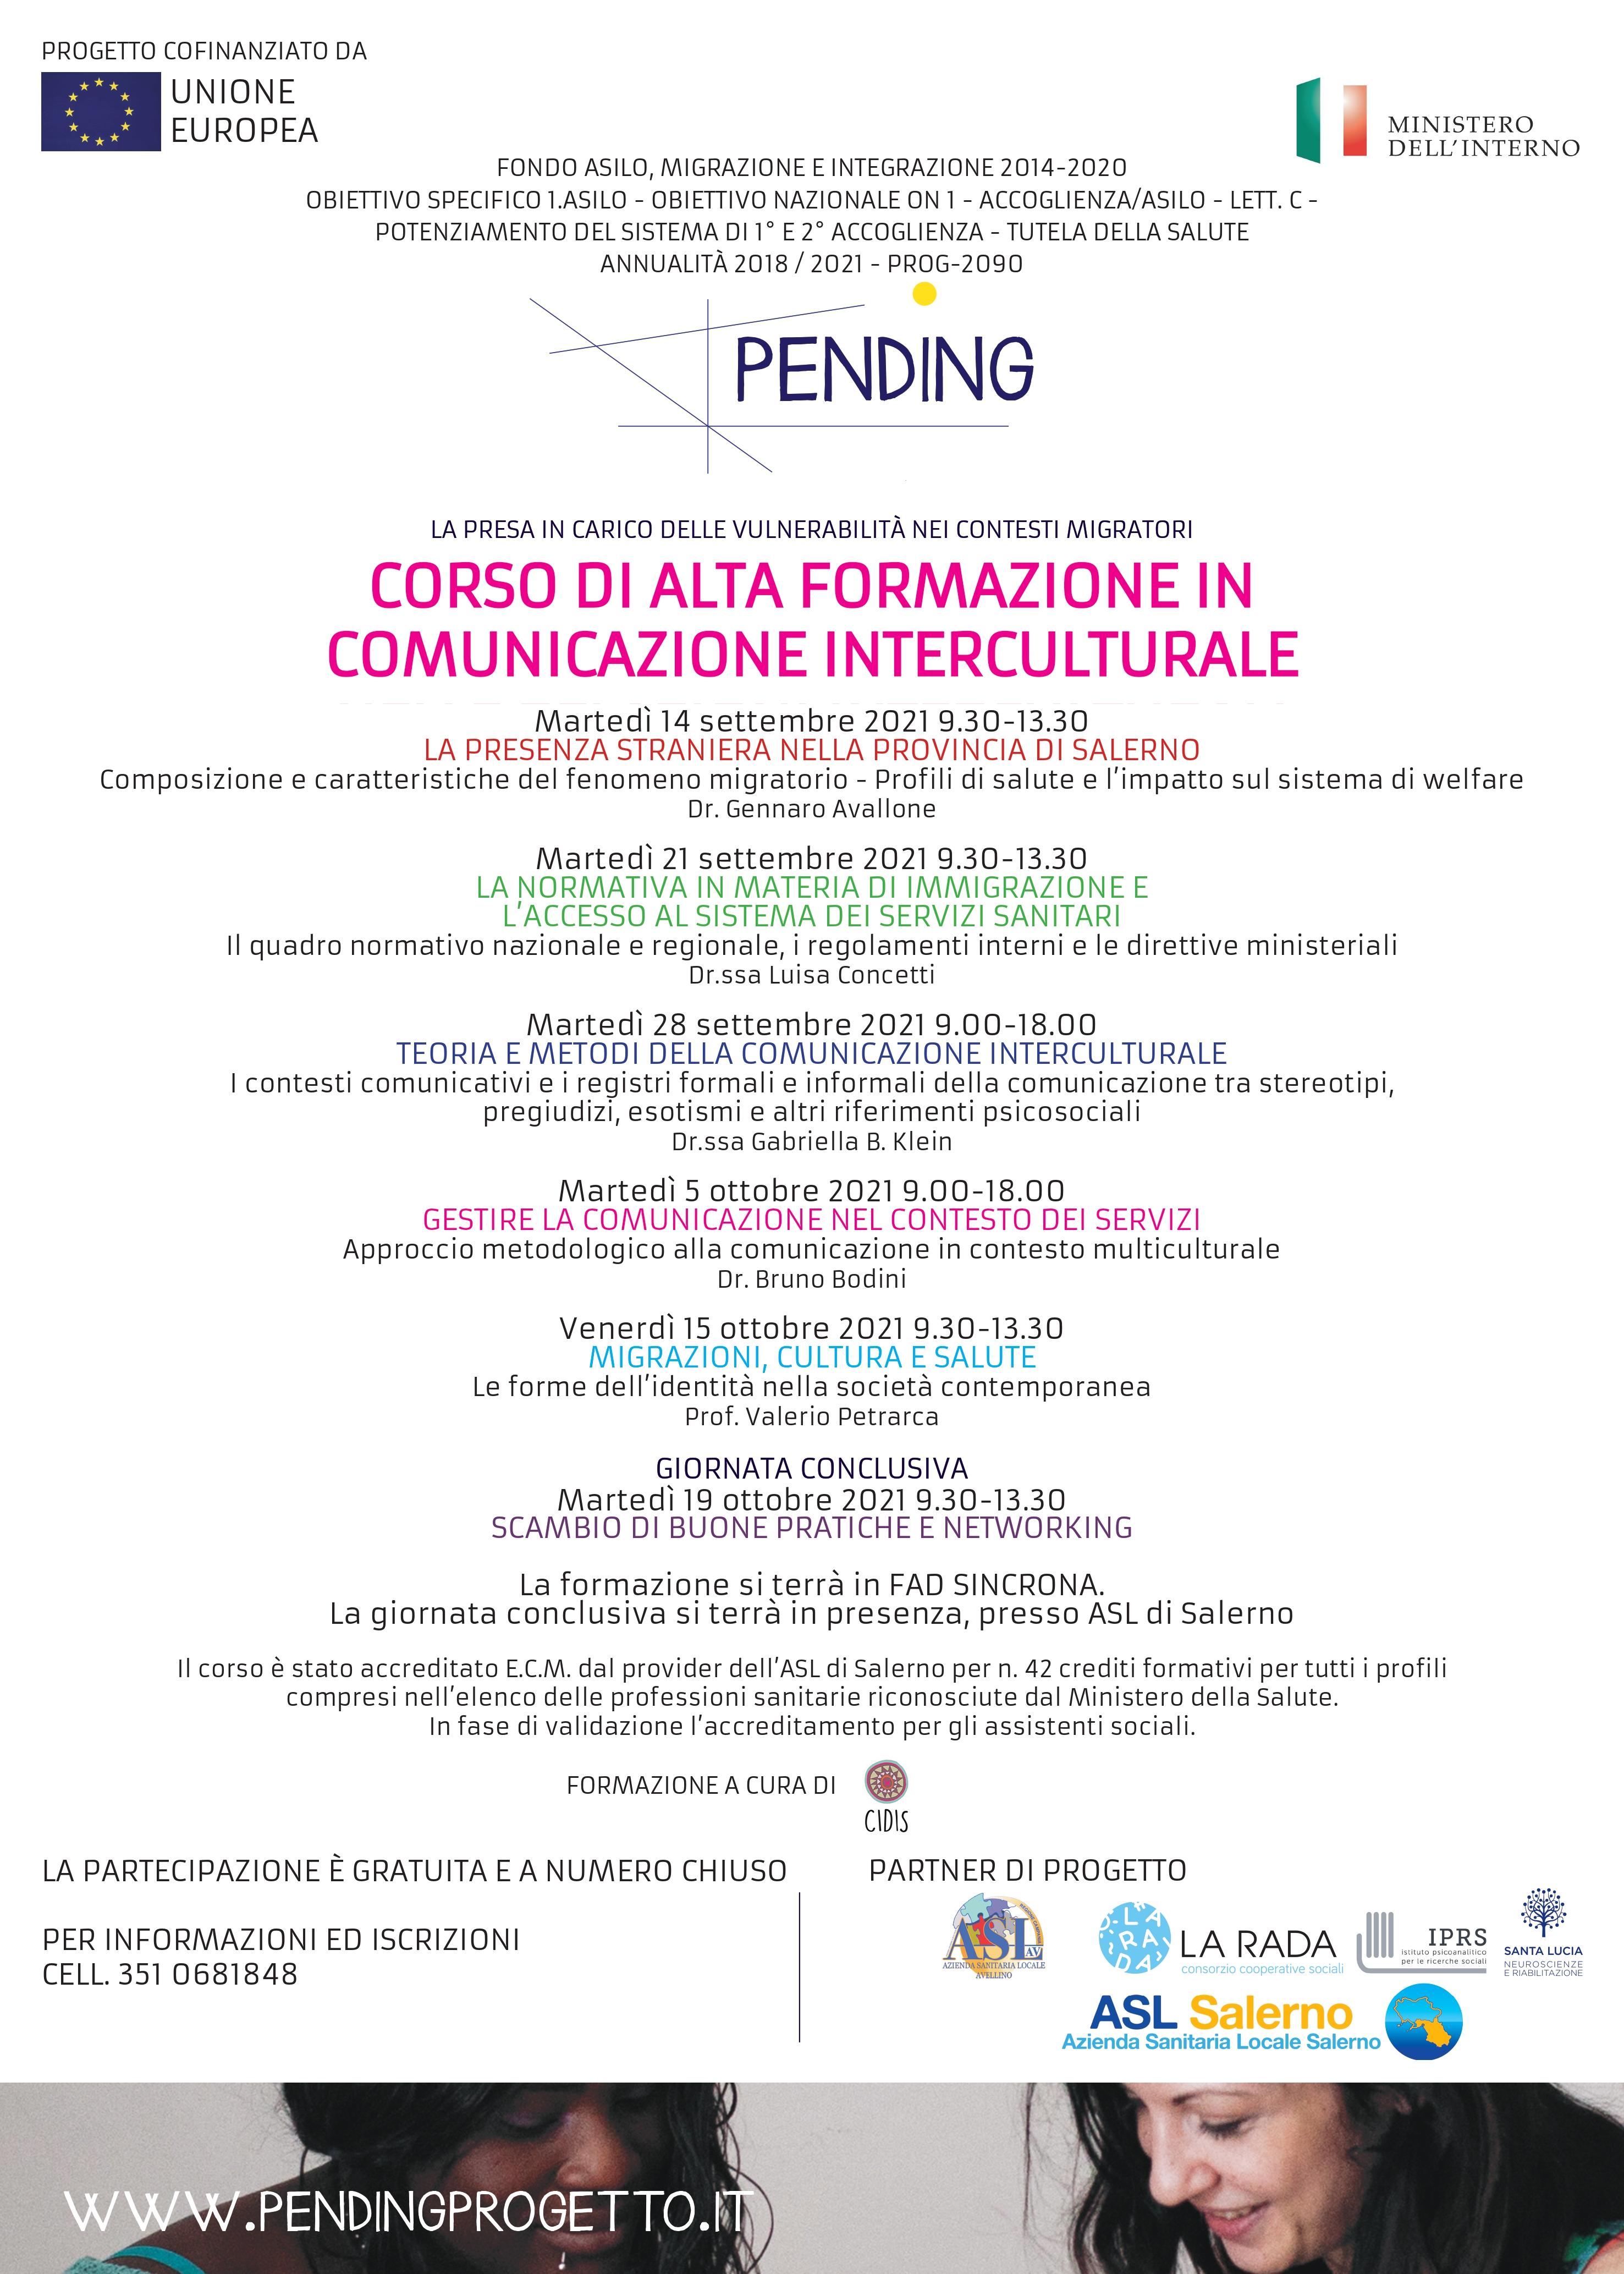 Un'interessante opportunità formativa dell'Asl Salerno: al via  corso di Alta Formazione in Comunicazione Interculturale